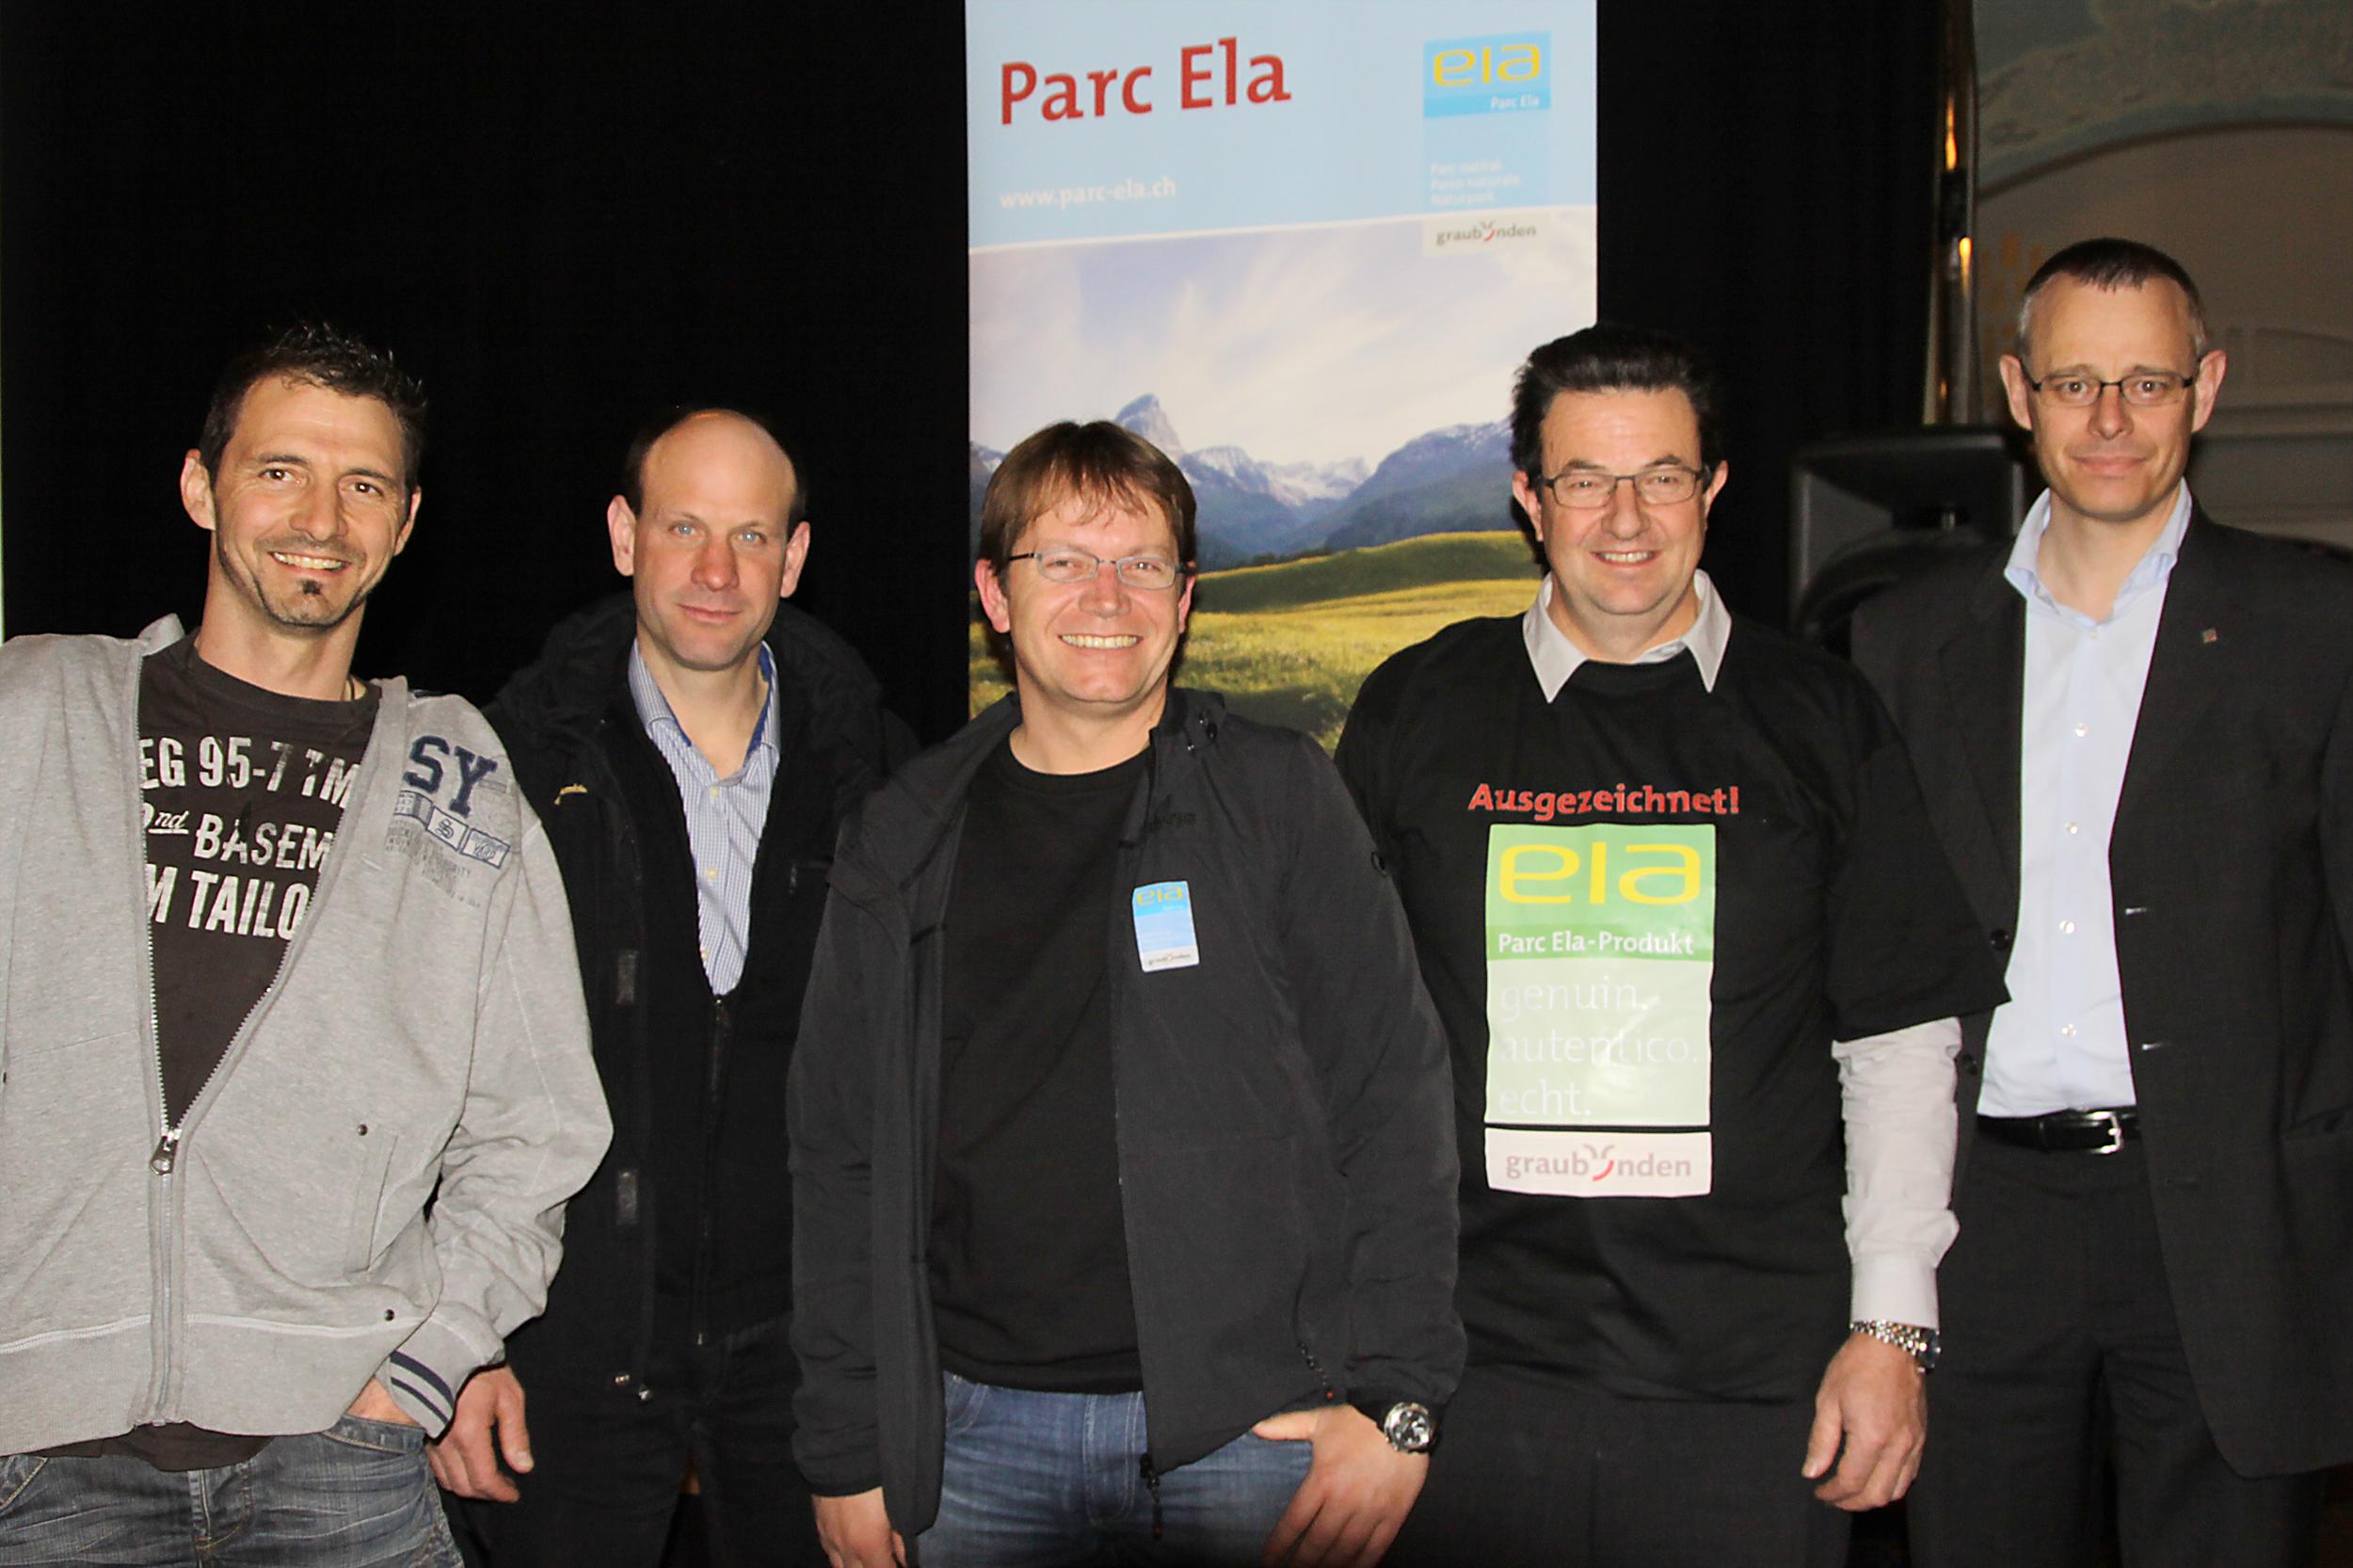 Von links nach rechts: Cordo Simeon und Daniel Albertin, die neuen Vorstandsmitglieder, mit Geschäftsleiter Dieter Müller, dem zurückgetretener Vorstand Bruno Salis und dem neuen Beirat Michael Caflisch.